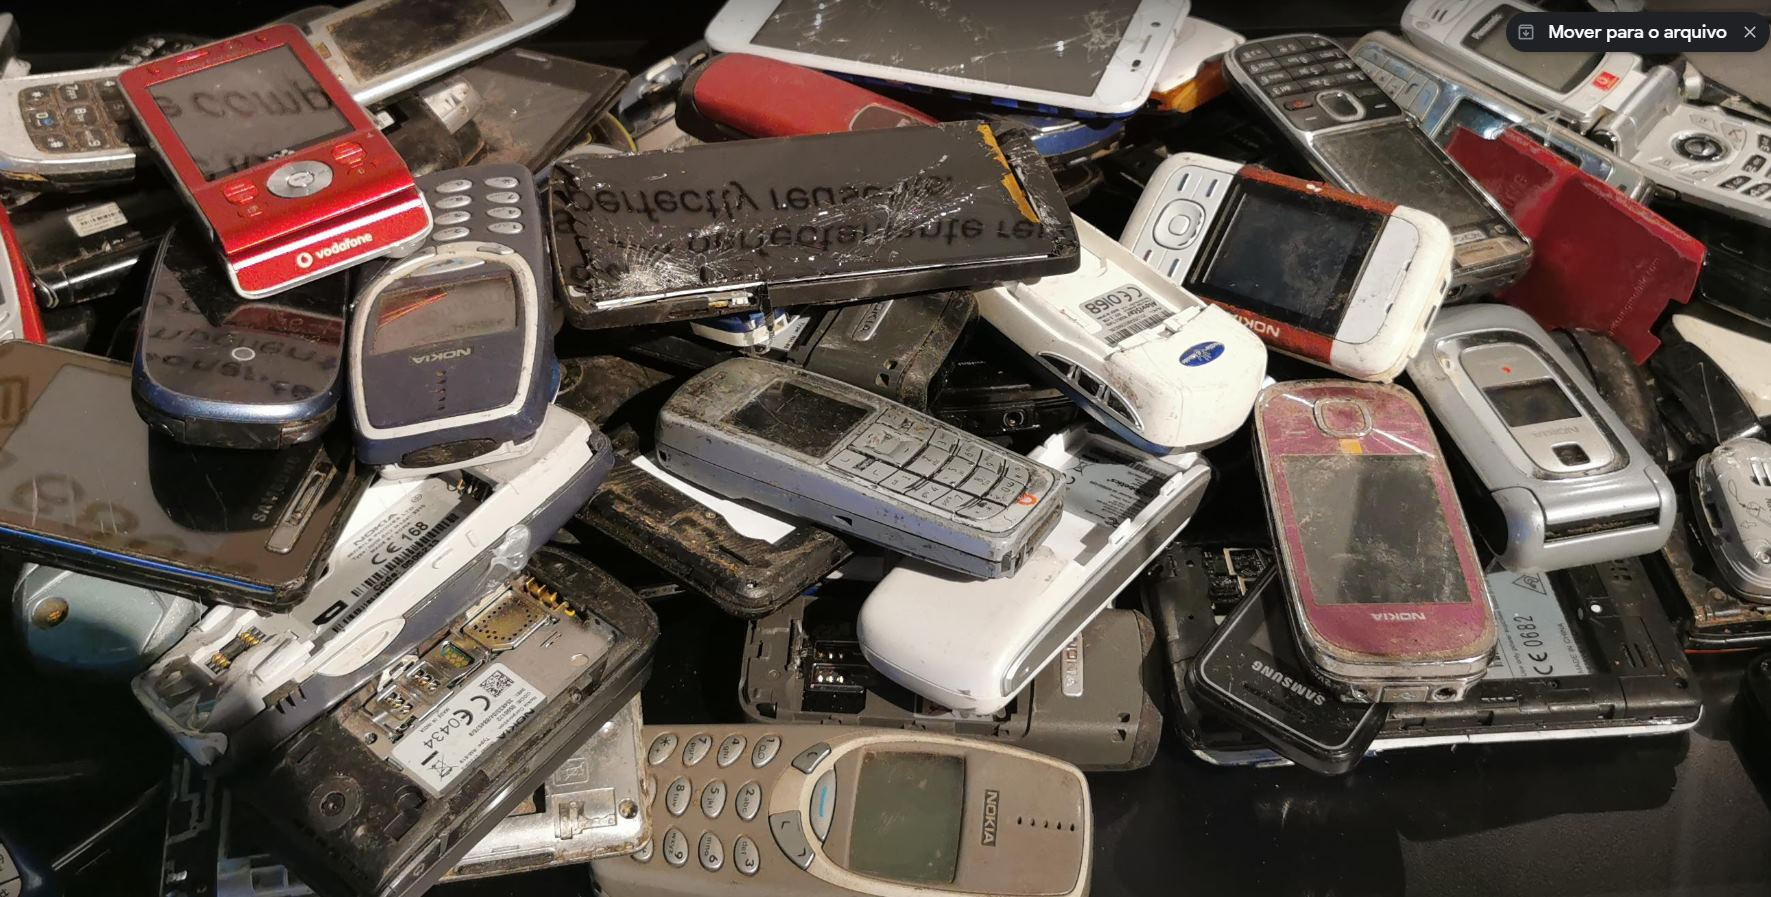 Ideas para darle un mejor uso a tu móvil viejo